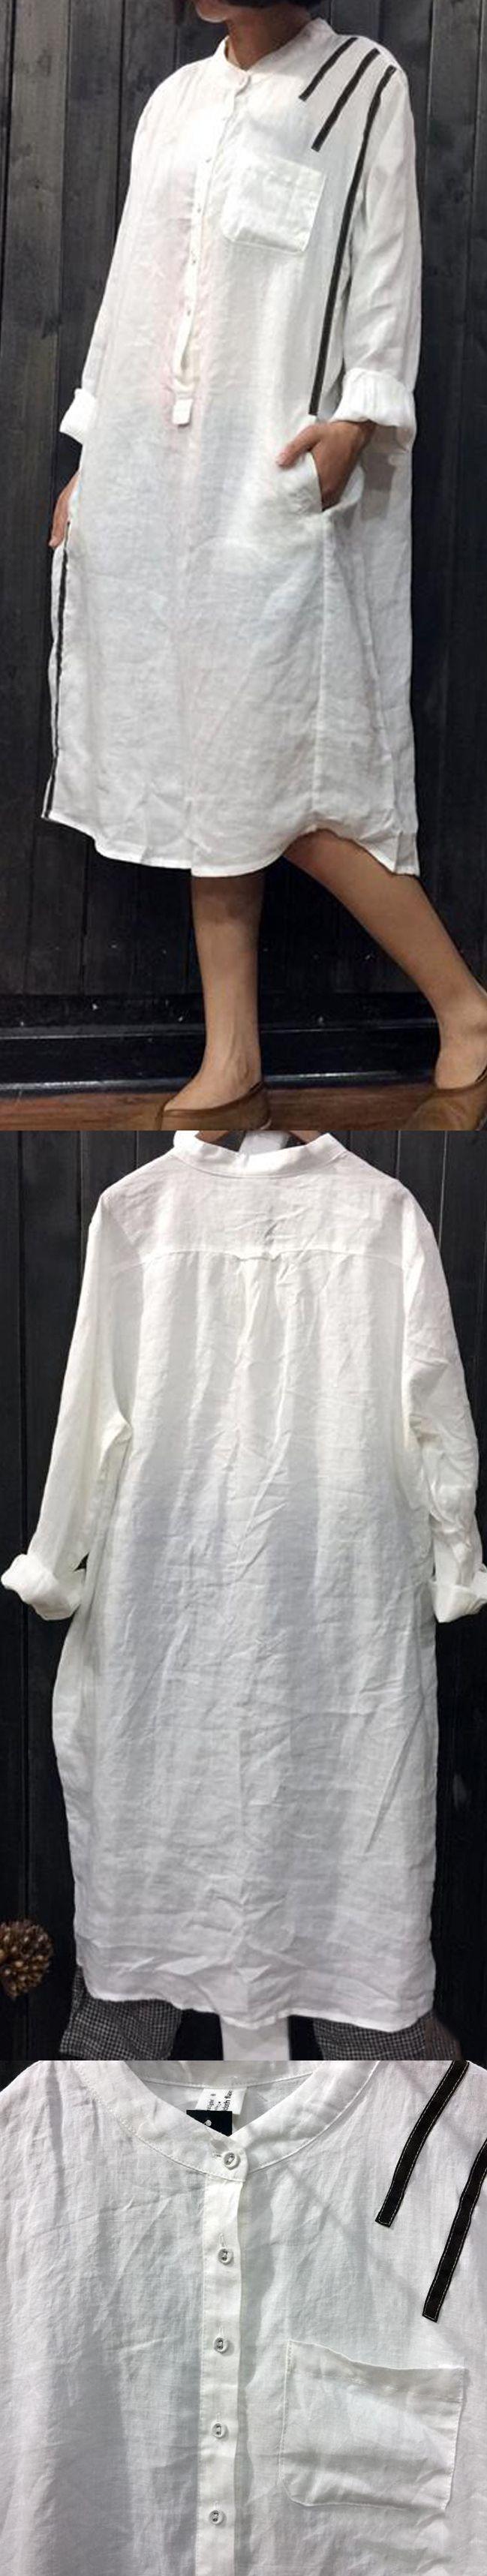 White linen casual long sleeve stand collar shirt dress